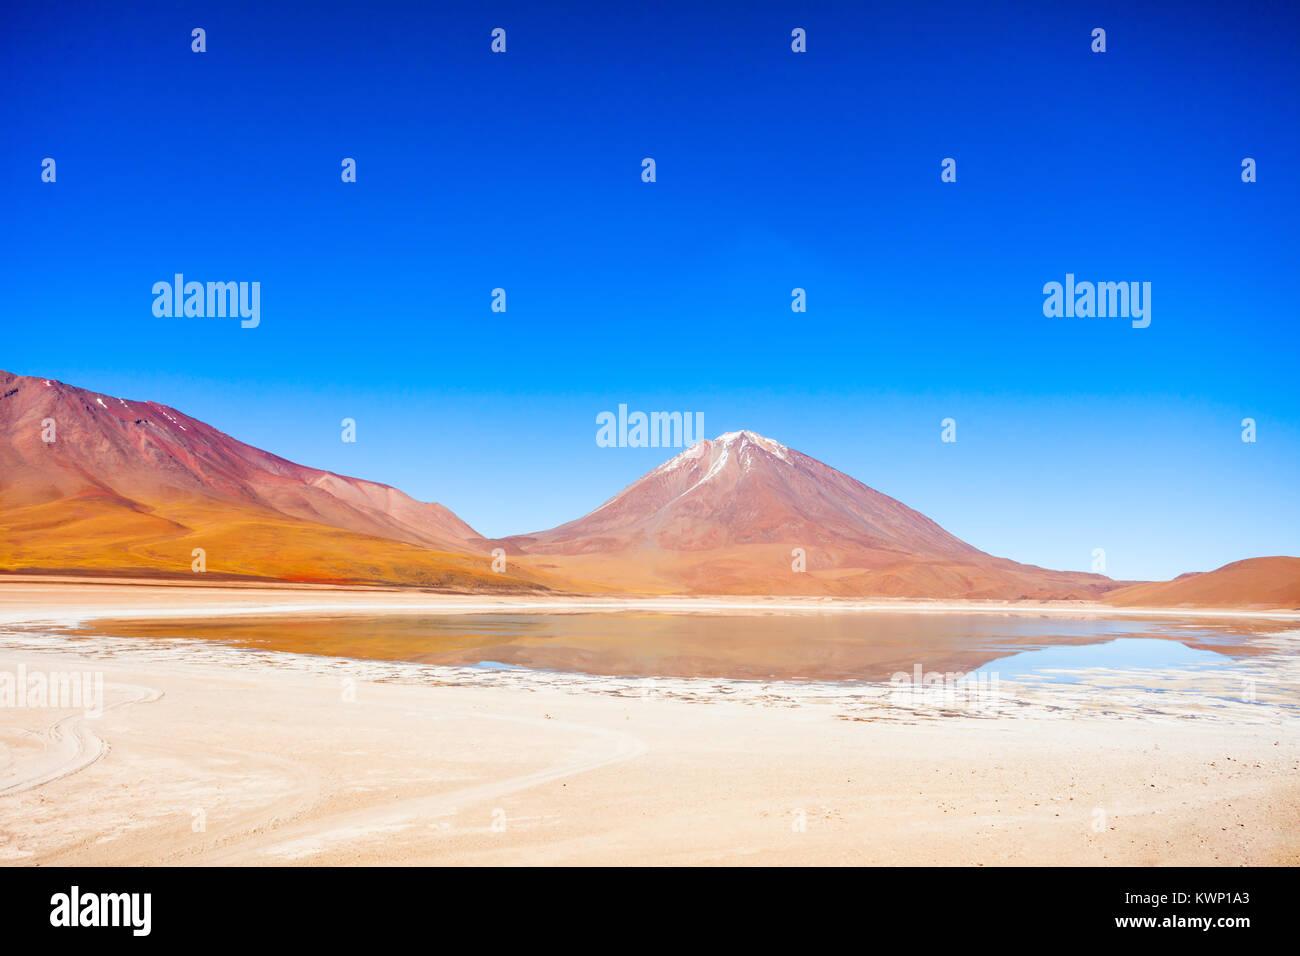 El volcán Licancabur y Lago Verde (Laguna Verde) en el altiplano boliviano Imagen De Stock